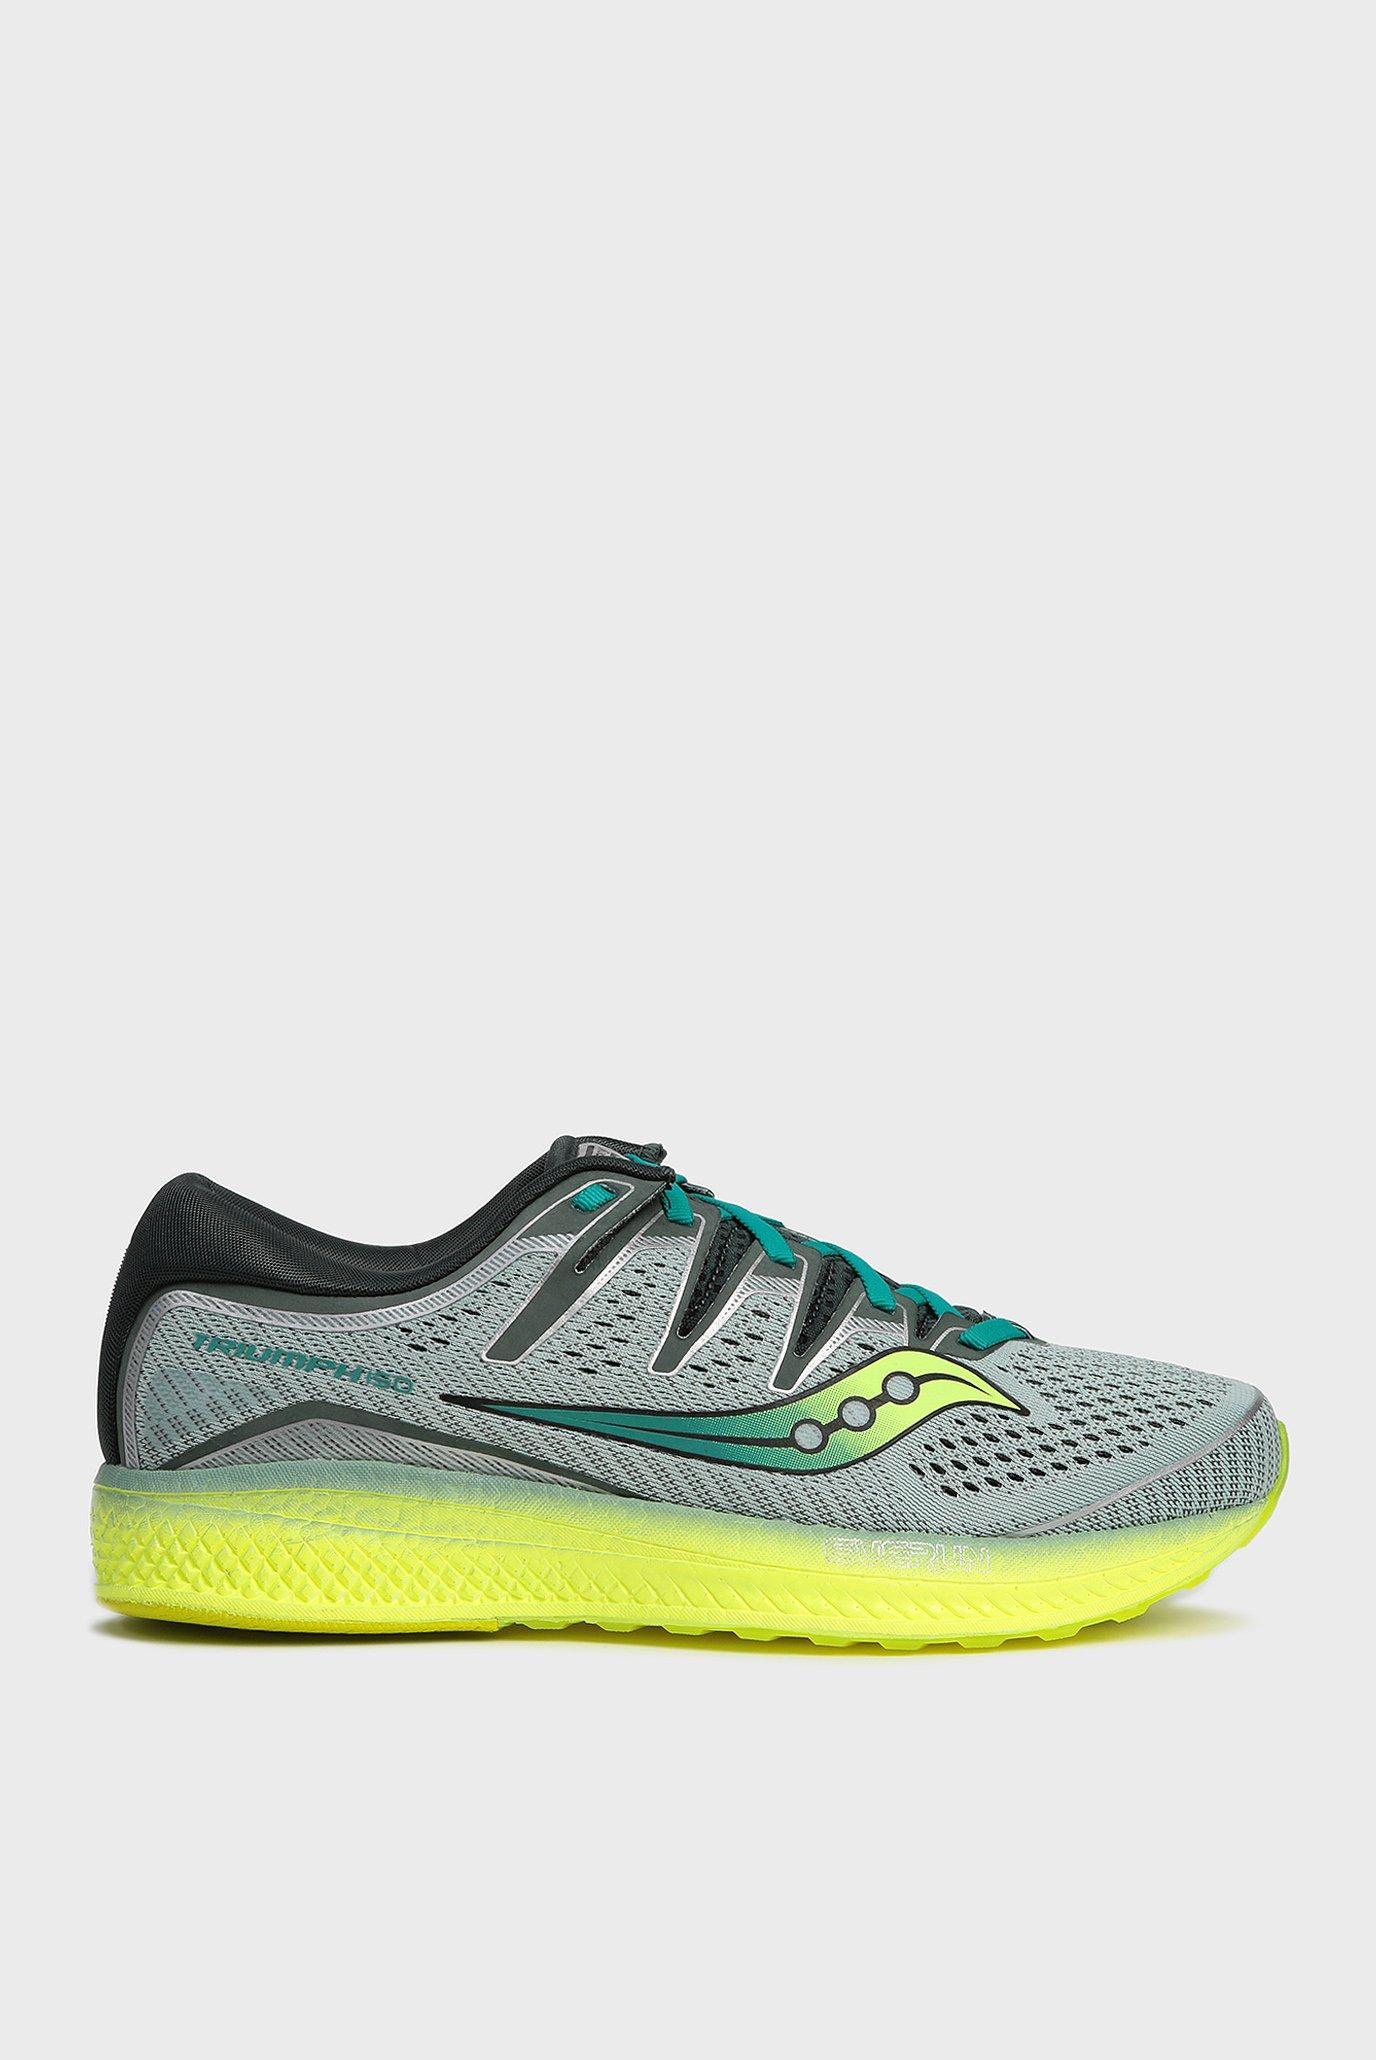 Купить Мужские кроссовки TRIUMPH ISO 5 Saucony Saucony 20462-37s – Киев, Украина. Цены в интернет магазине MD Fashion